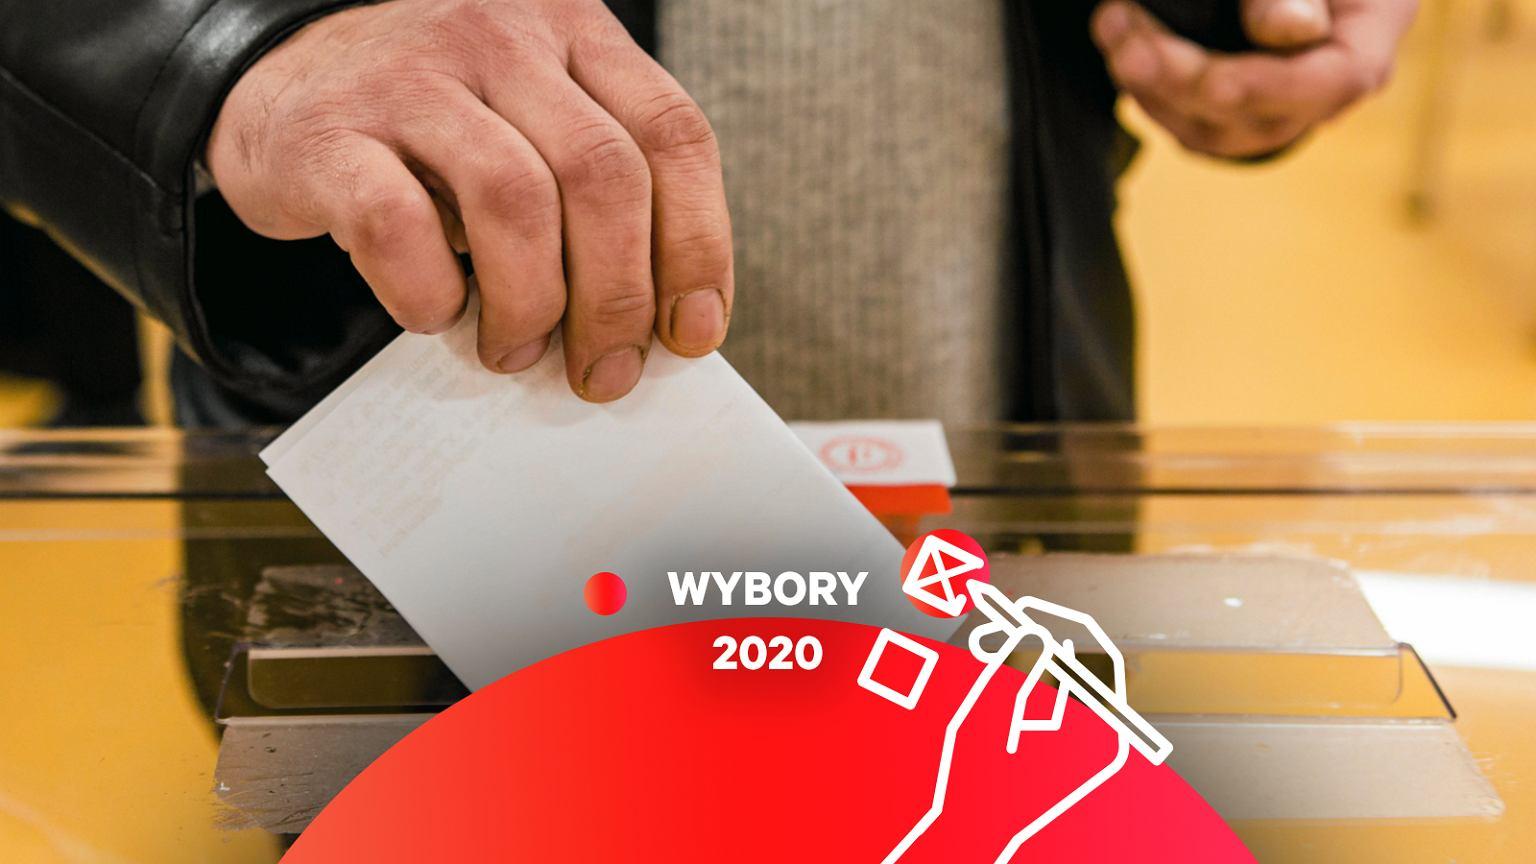 Głosowanie korespondencyjne w wyborach prezydenckich 2020. Jak się zgłosić? Do kiedy?